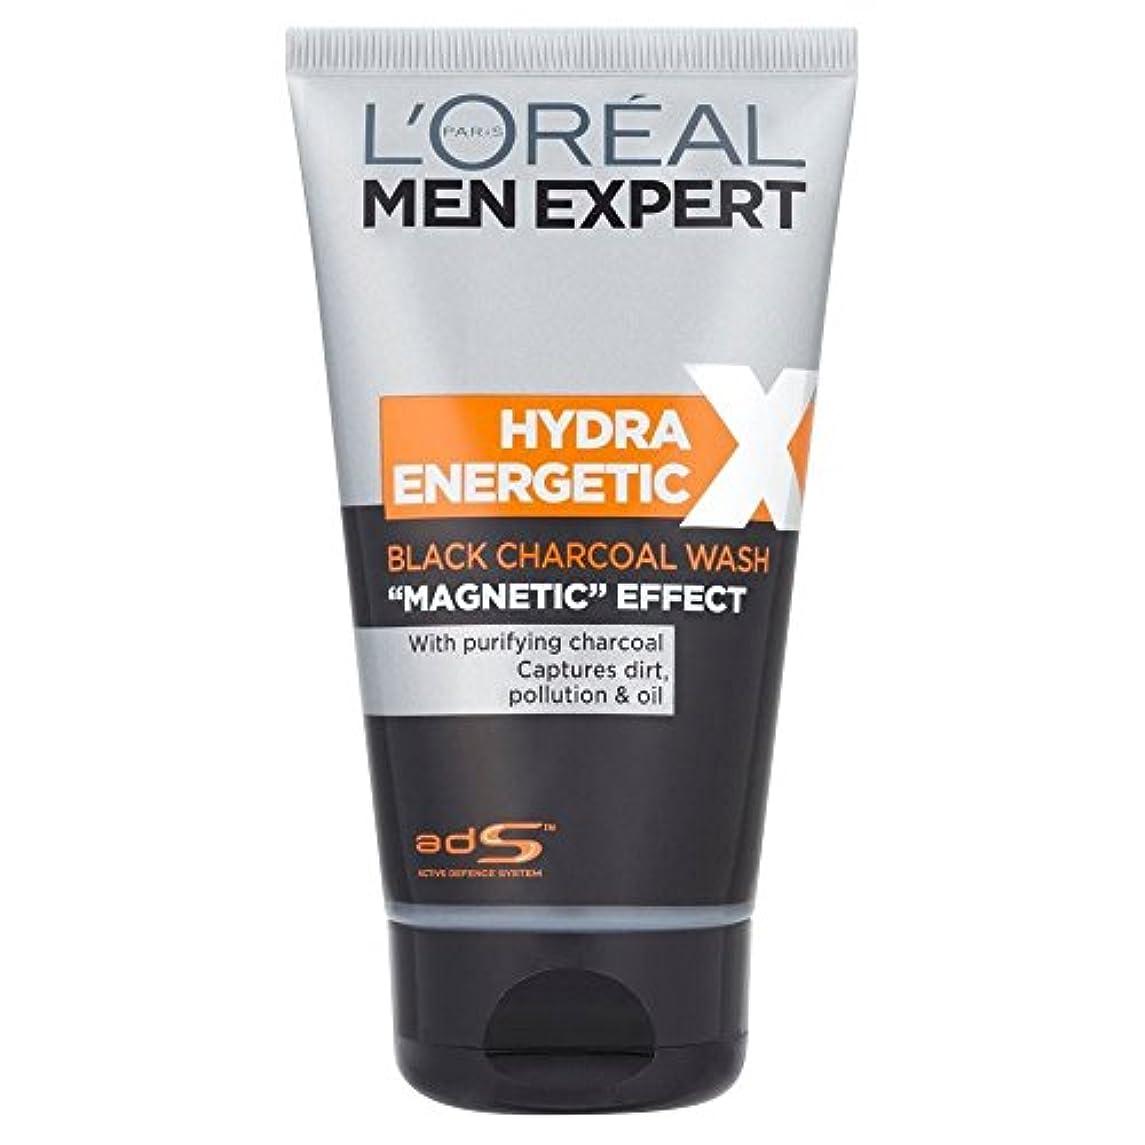 年次メモ提案するL'Oreal Paris Men Expert Hydra Energetic Daily Purifying Wash (150ml) L'オラ?アルパリのメンズ専門ヒドラエネルギッシュな毎日の浄化洗浄( 150ミリリットル)